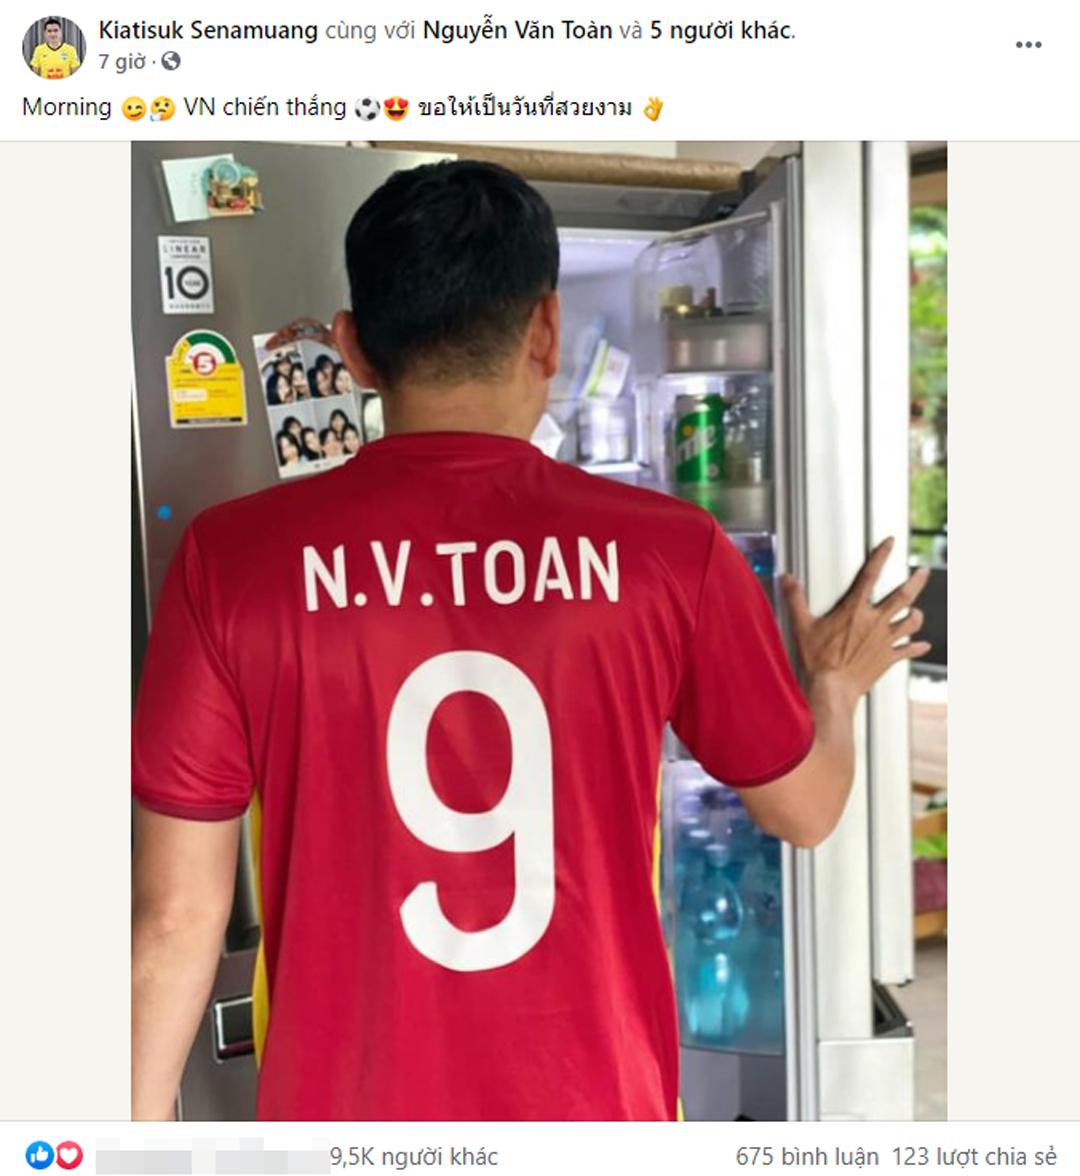 HLV Kiatisuk cũng đoán Việt Nam chiến thắng và học trò cưng Văn Toàn sẽ tỏa sáng.